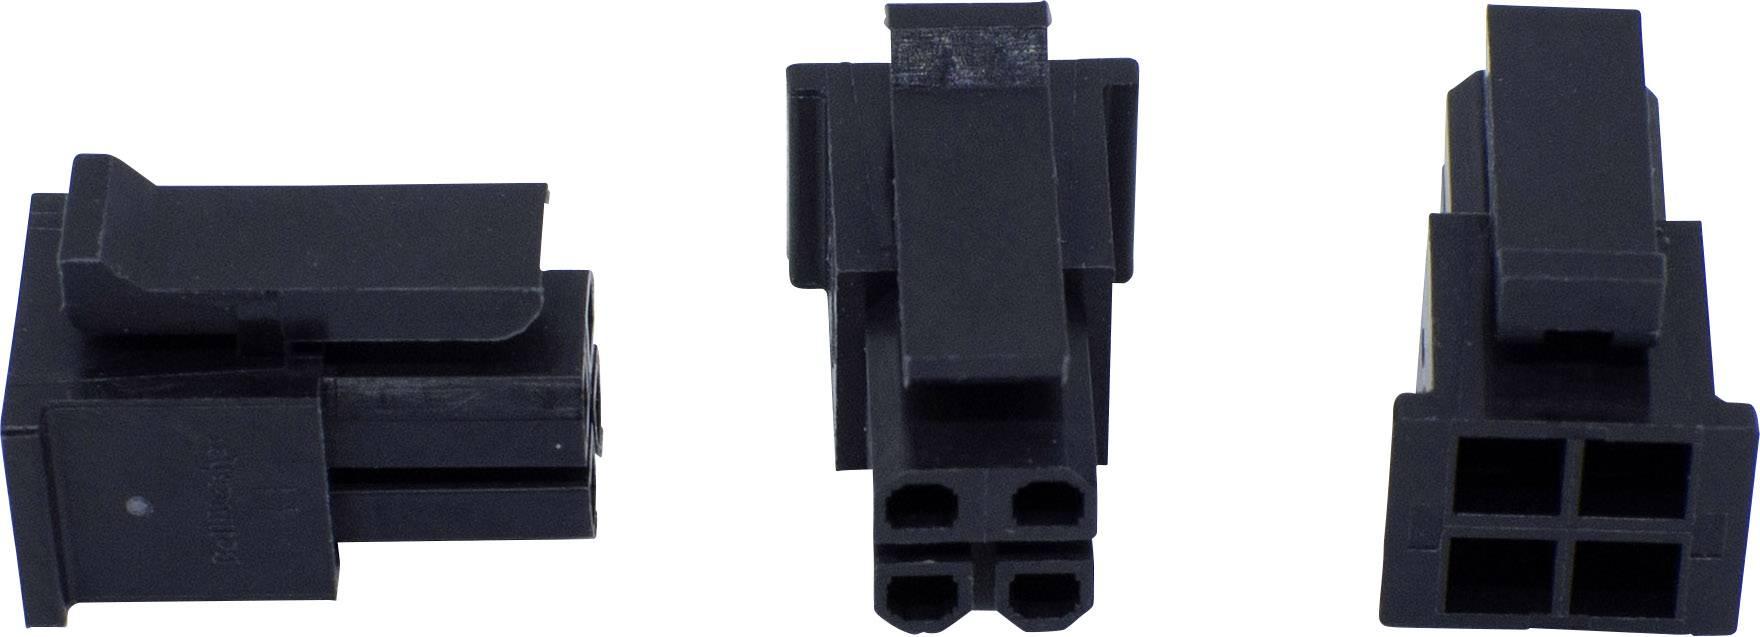 Zásuvkové púzdro na kábel BellWether 70093-2000, pólů 20, rozteč 3 mm, 1 ks